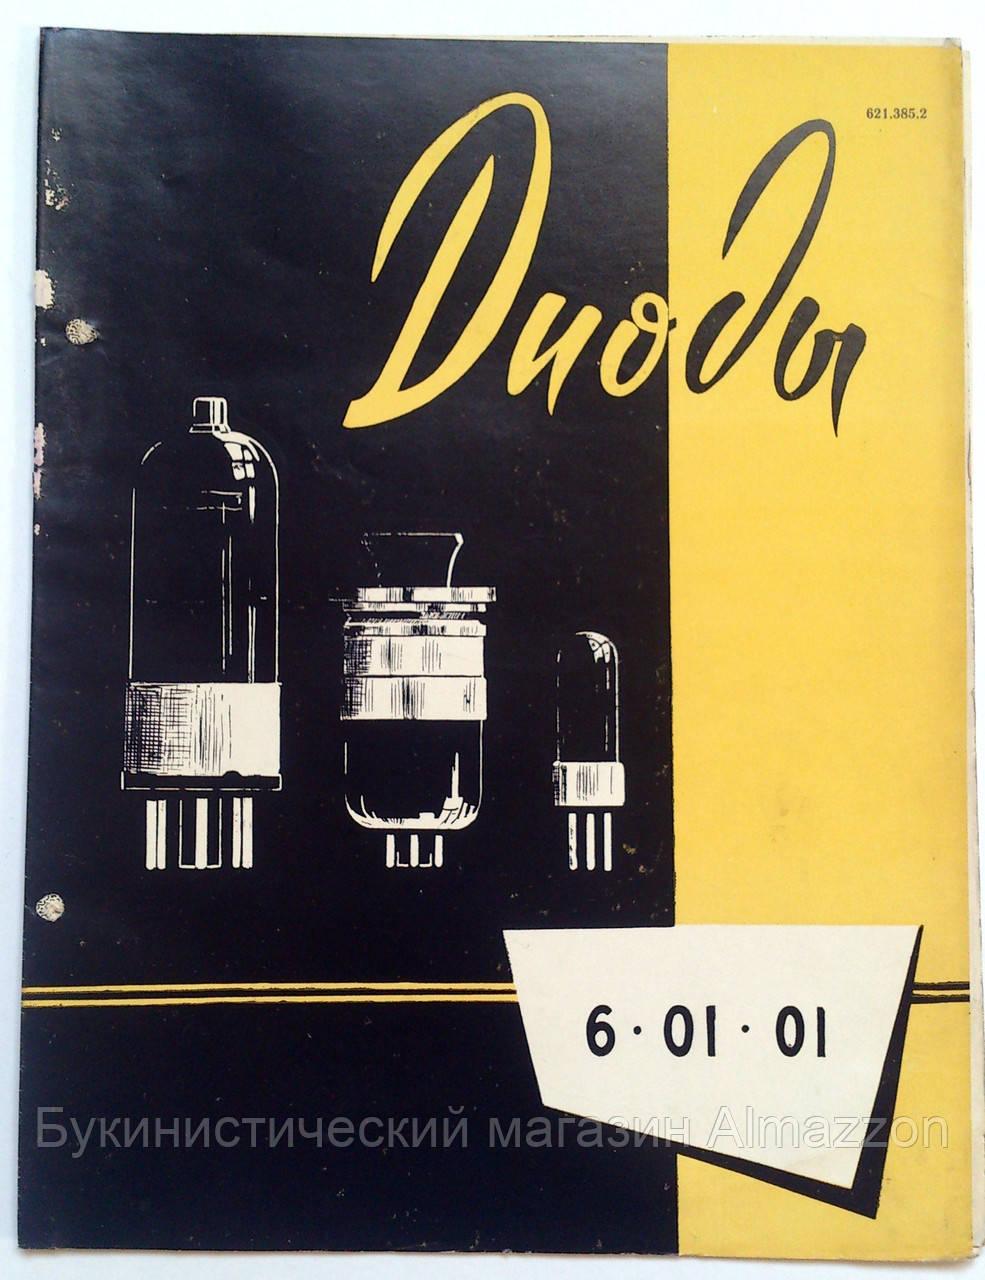 """Журнал (Бюллетень) """"Диоды 6.01.01"""" 1962 год. Редкость!"""